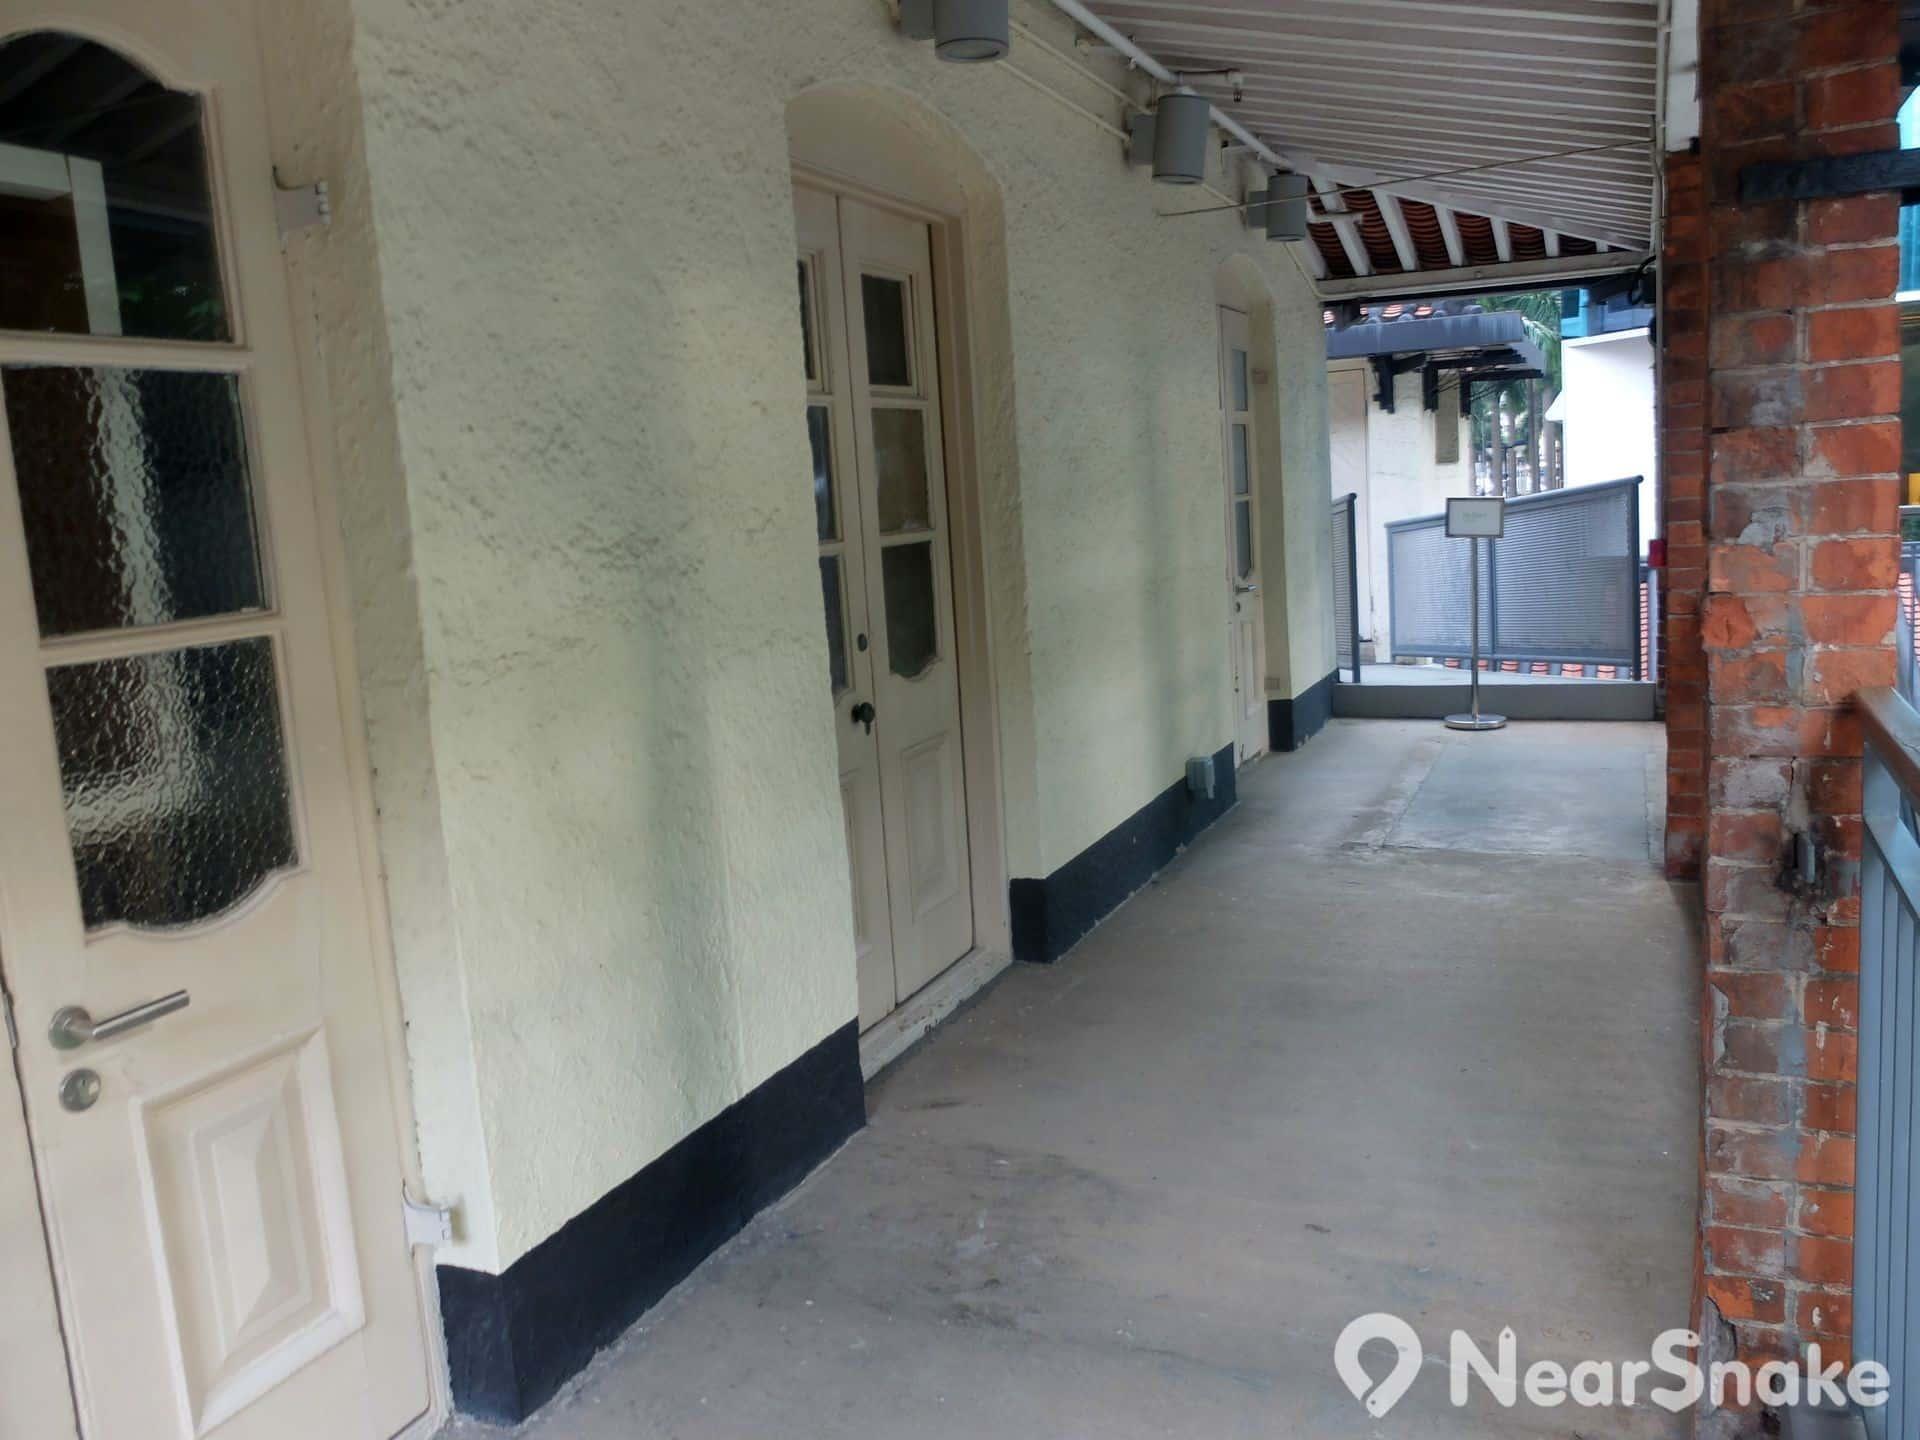 油街實現 Oil 一面是紅磚砌成的石柱,一面是白色的牆壁及門窗,雖可清晰看到現代修建痕跡,惟仍具古樸雅風。